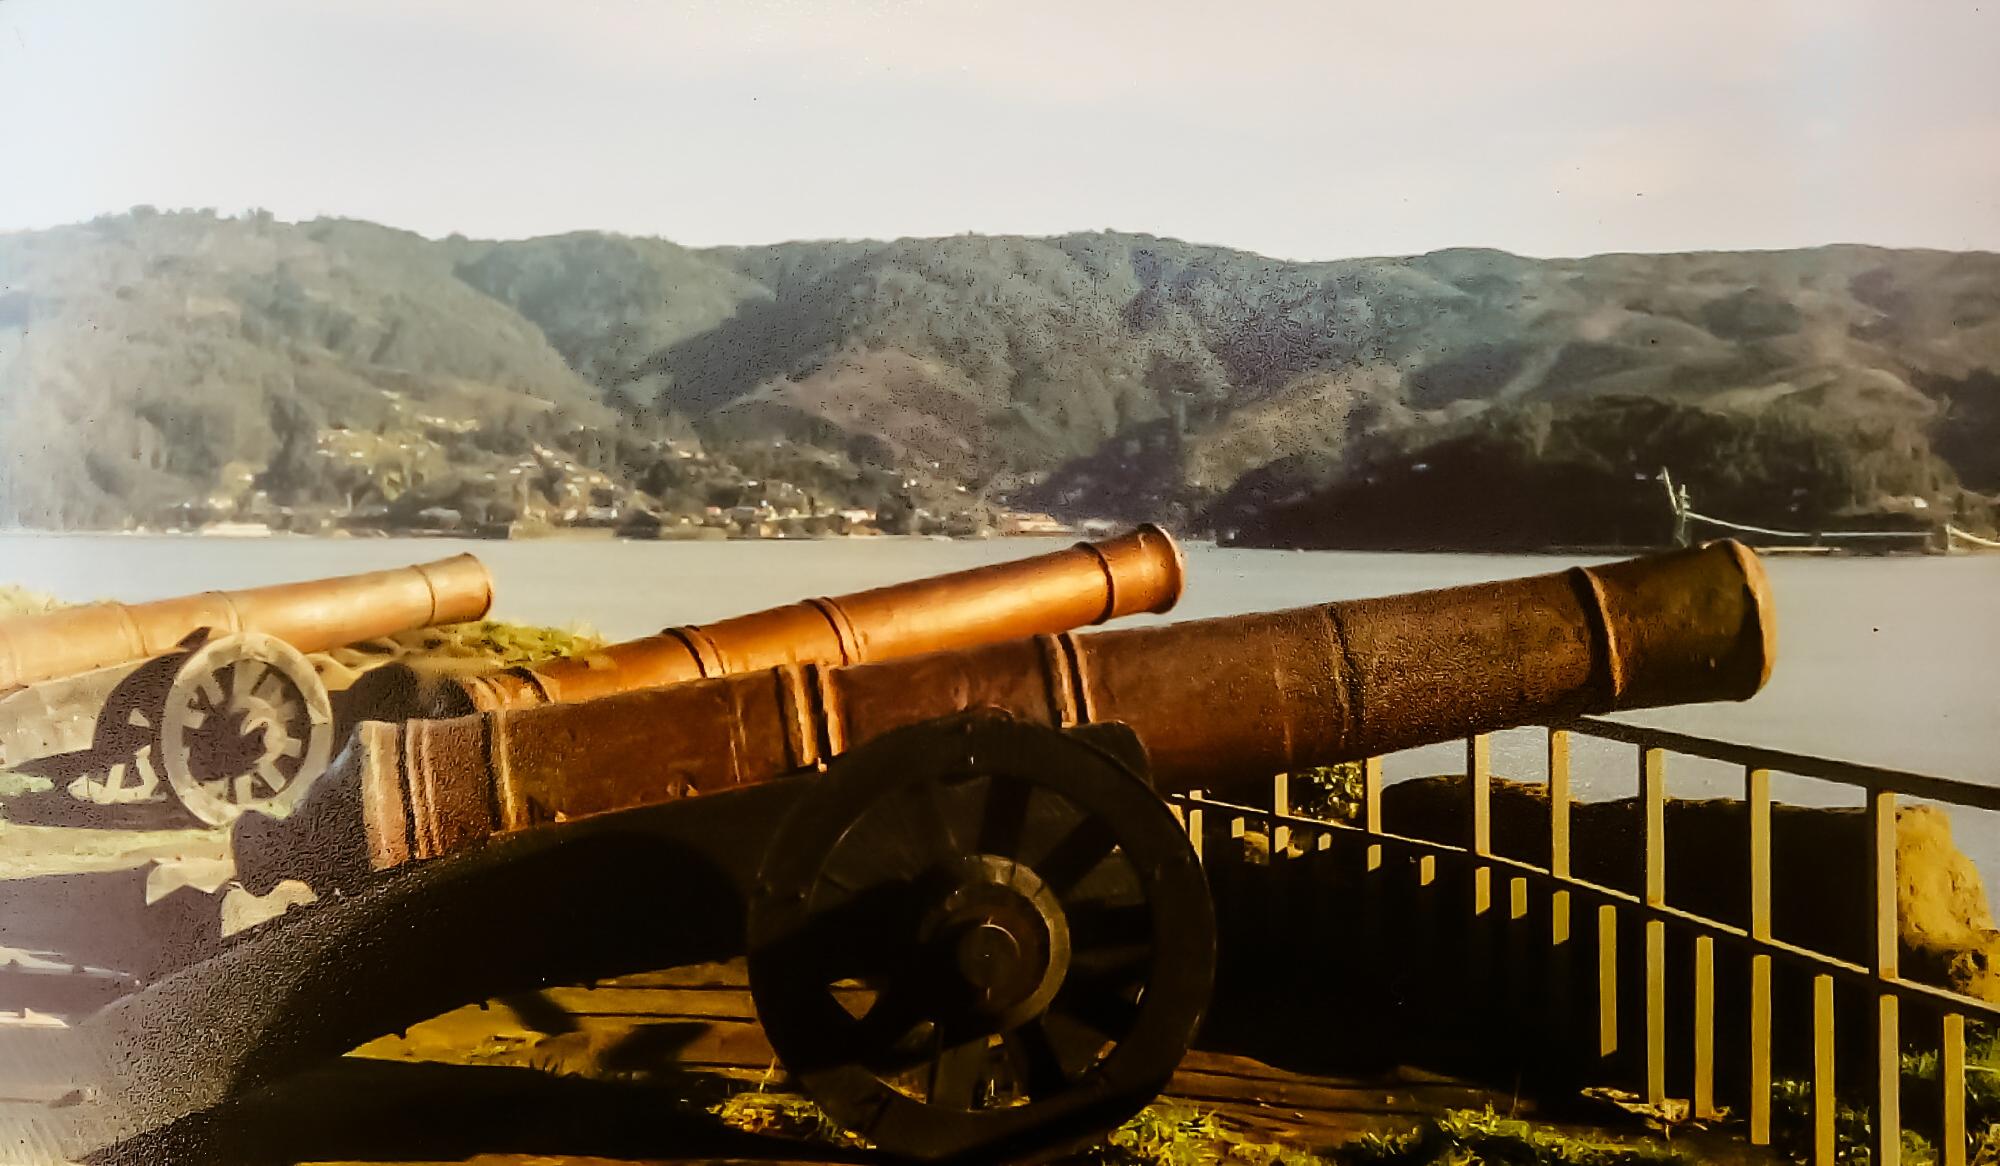 Enterreno - Fotos históricas de chile - fotos antiguas de Chile - Fuerte de Niebla en 1992